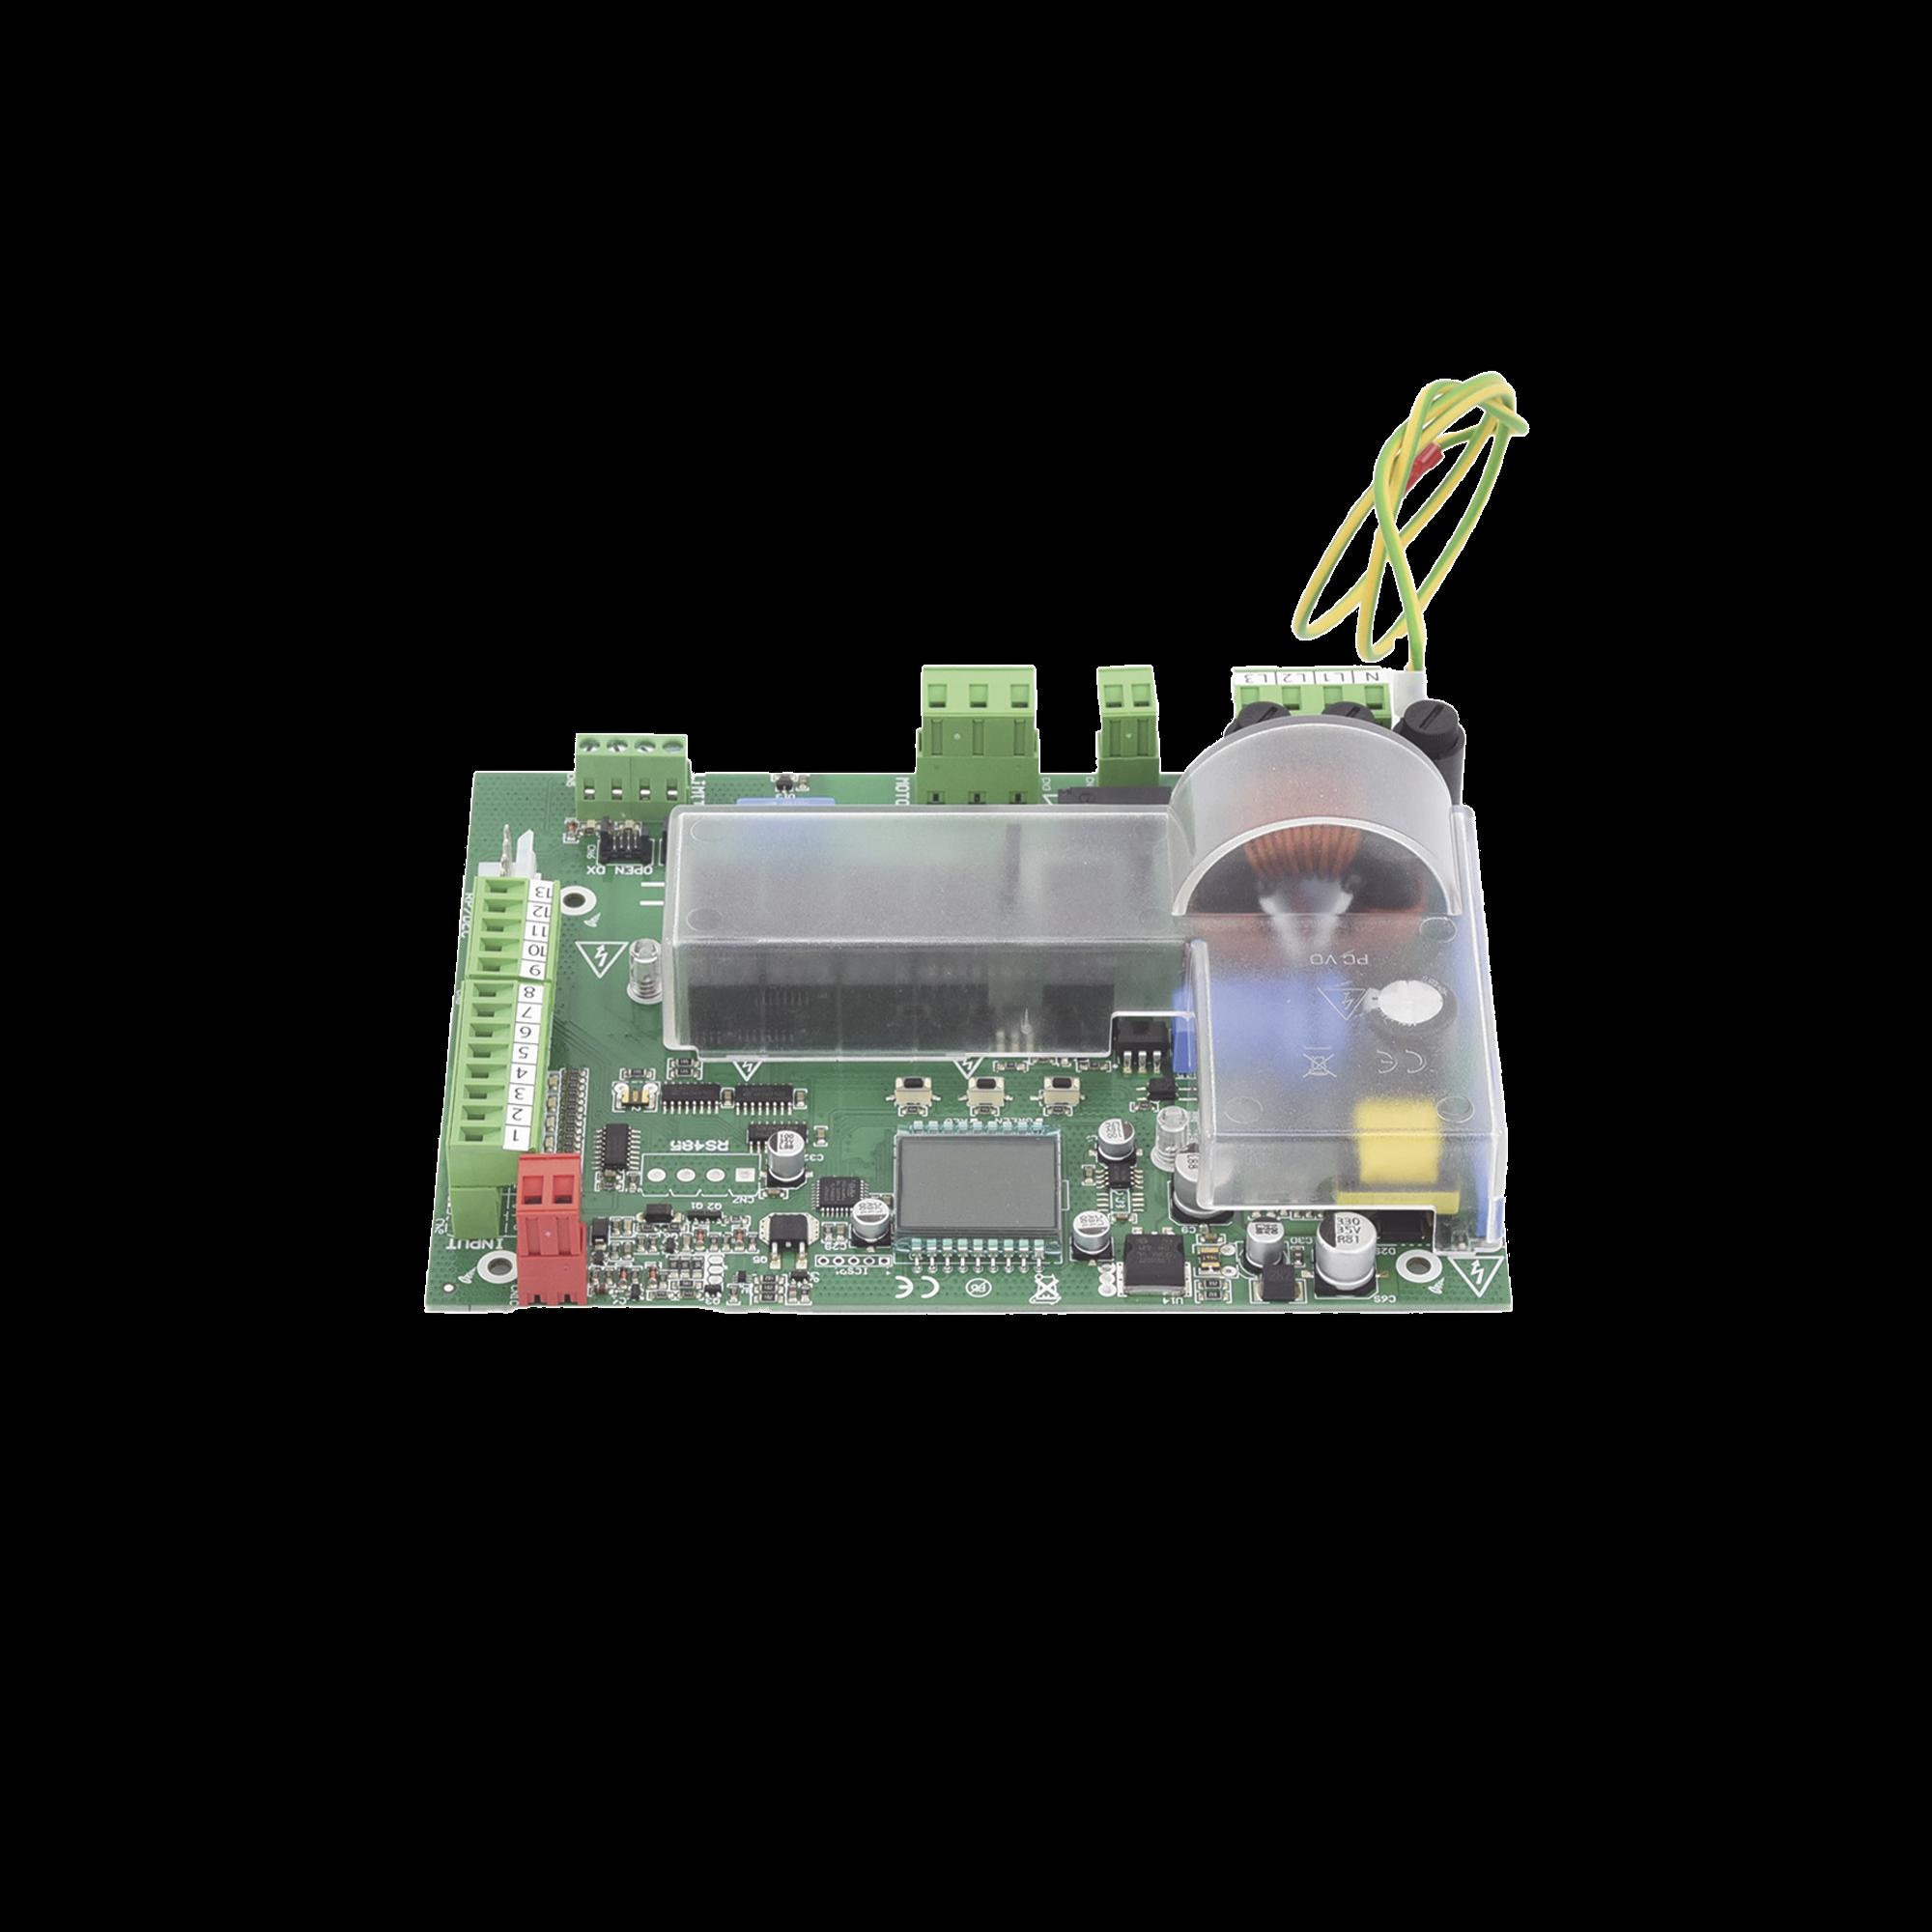 Tarjeta Platine E844 3PH para operador FAAC 844 trifásico y FAAC 884 MC